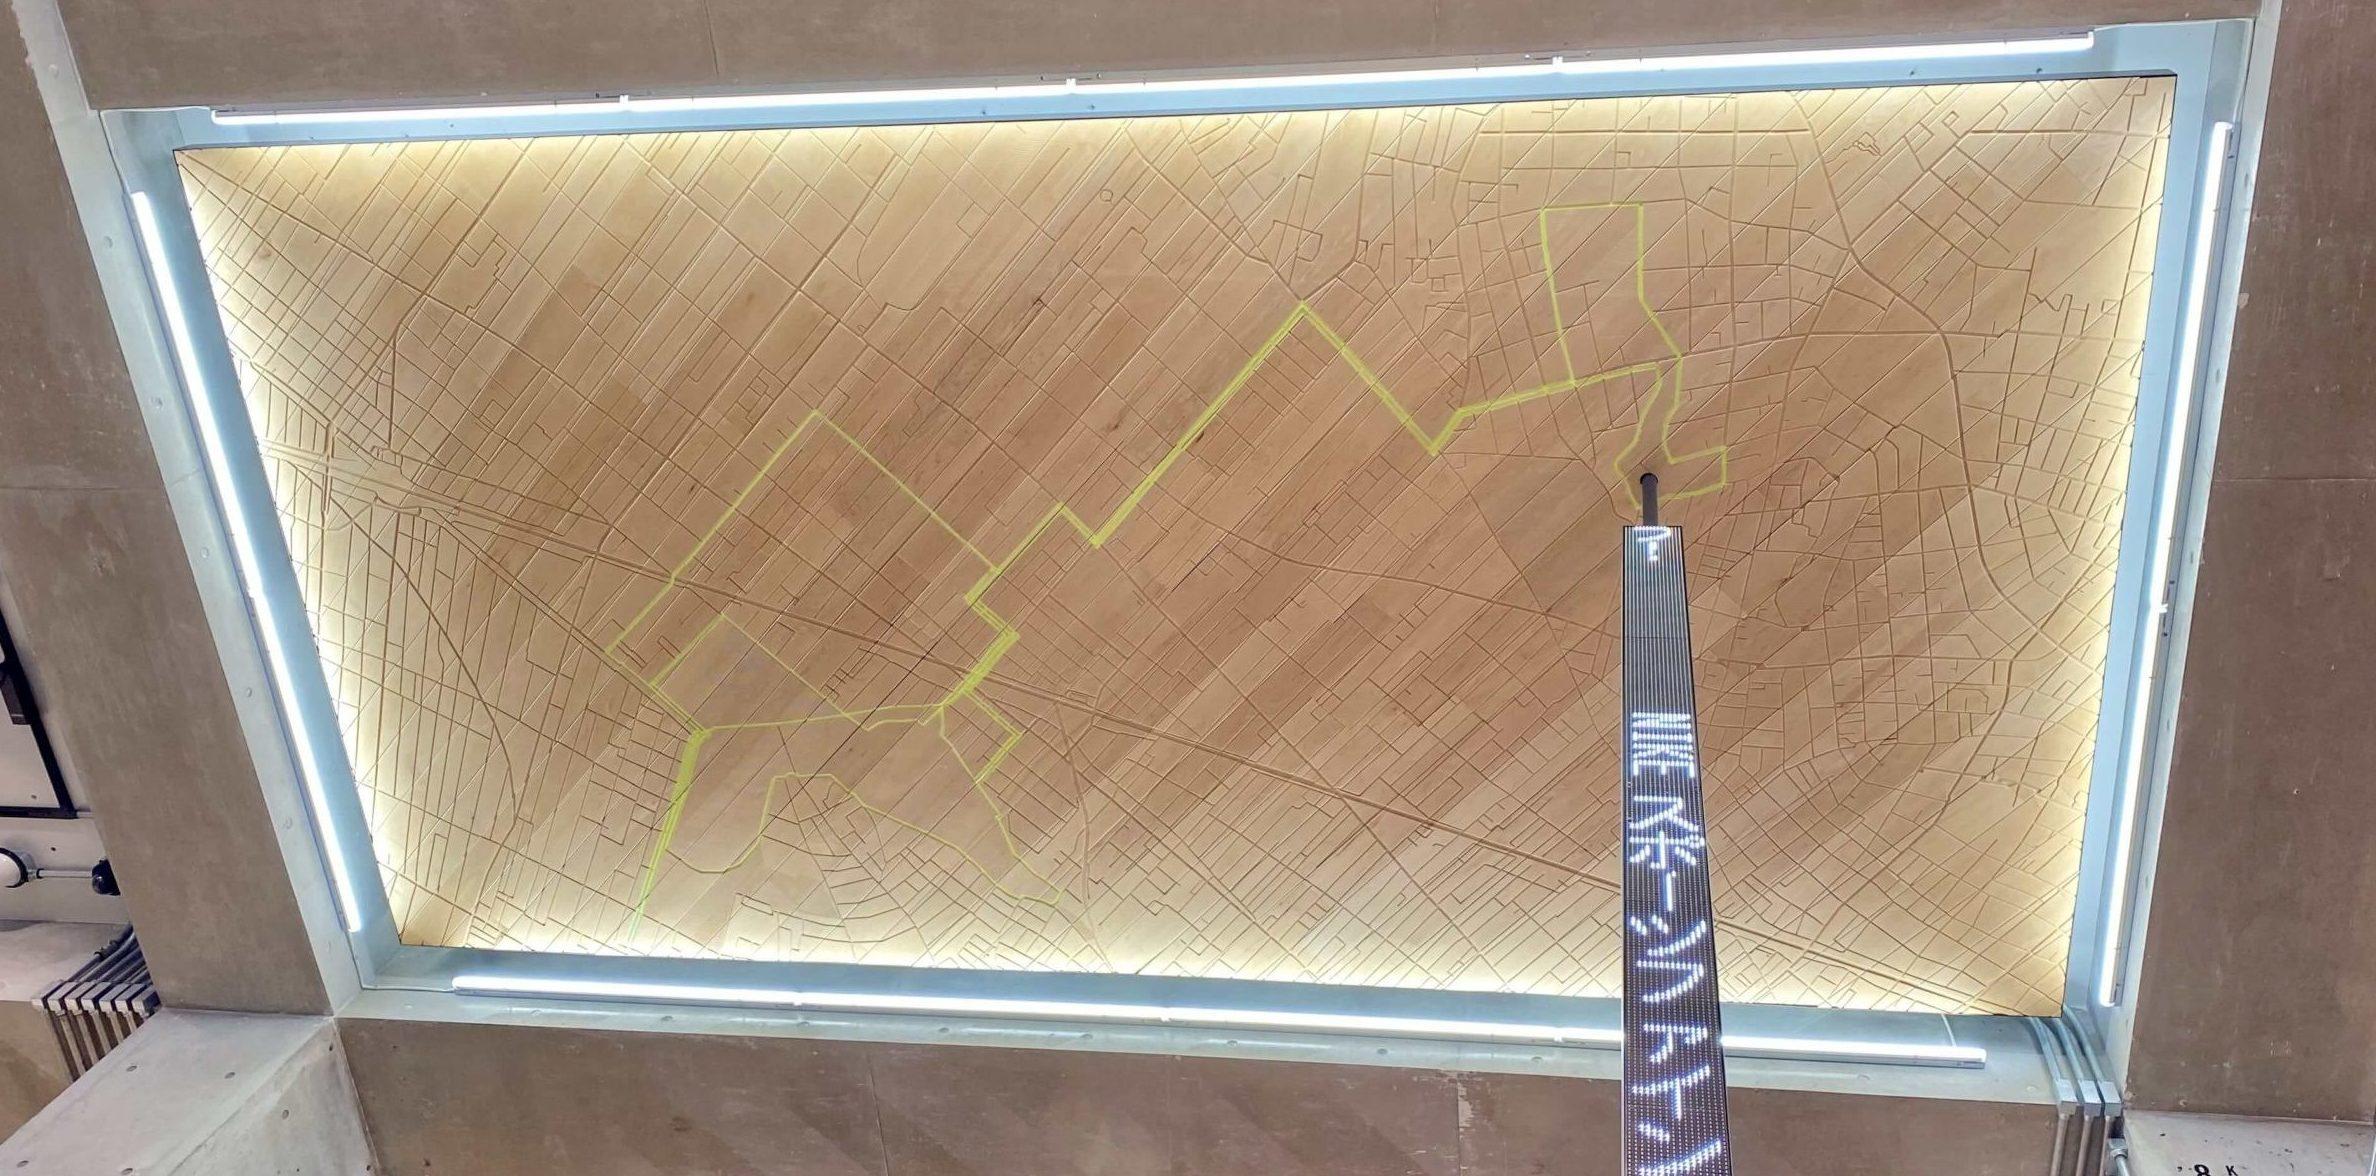 ナイキ吉祥寺の天井には井の頭公園のランニングコース